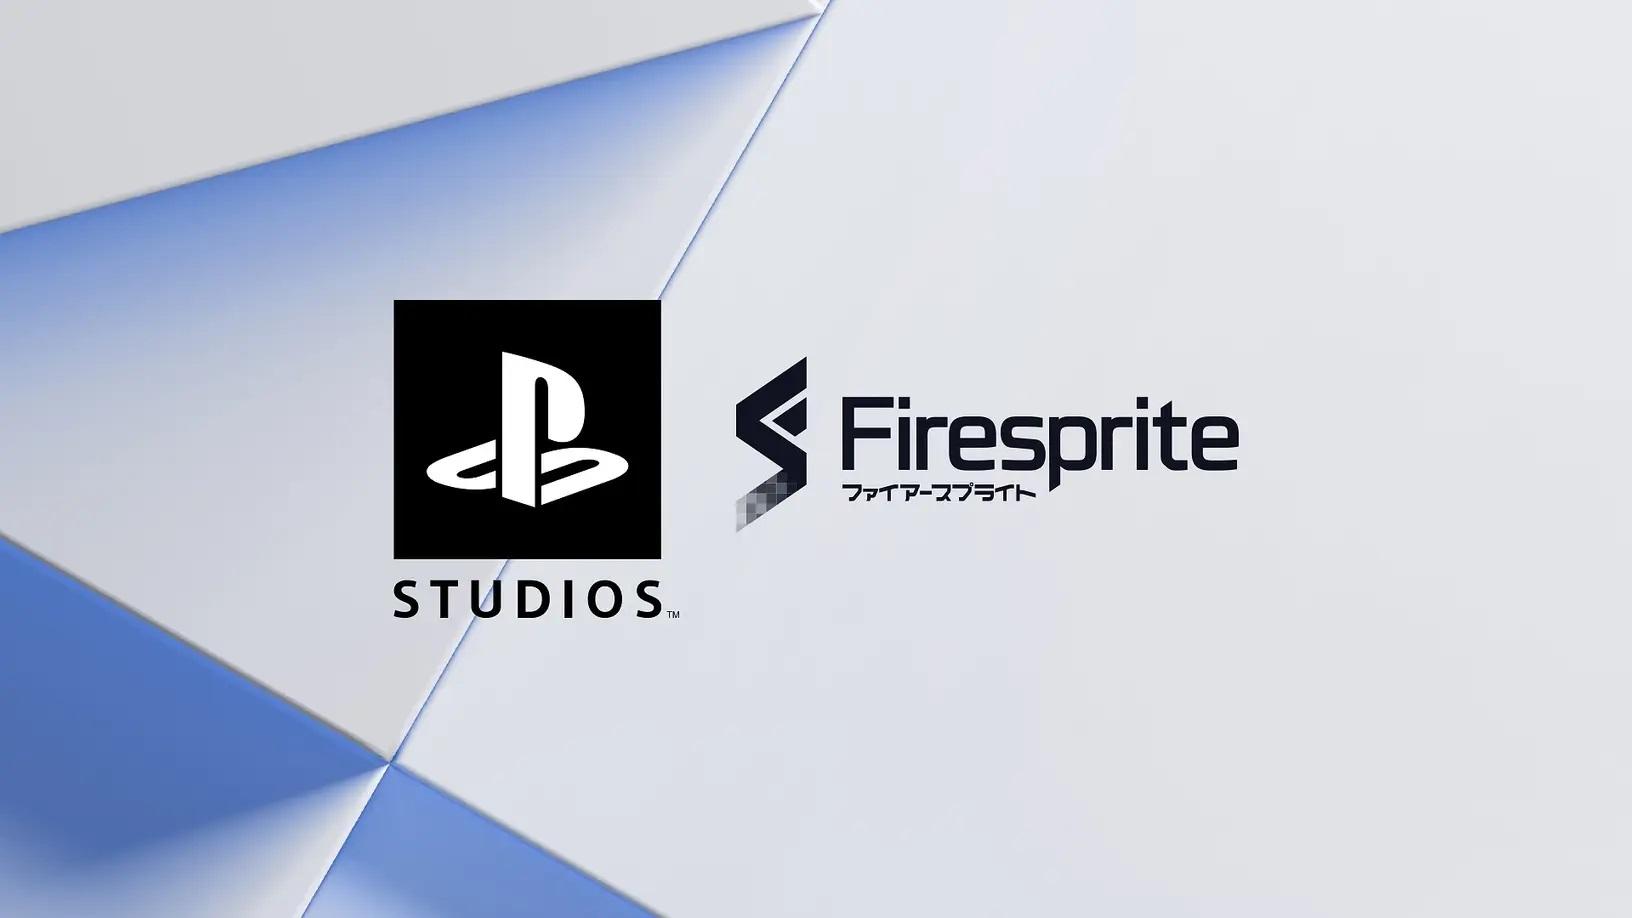 Sony erwirbt Firesprite und plant millionenfach verkauften Konsolen-IP-Titel als VR-Spiel zu entwickeln